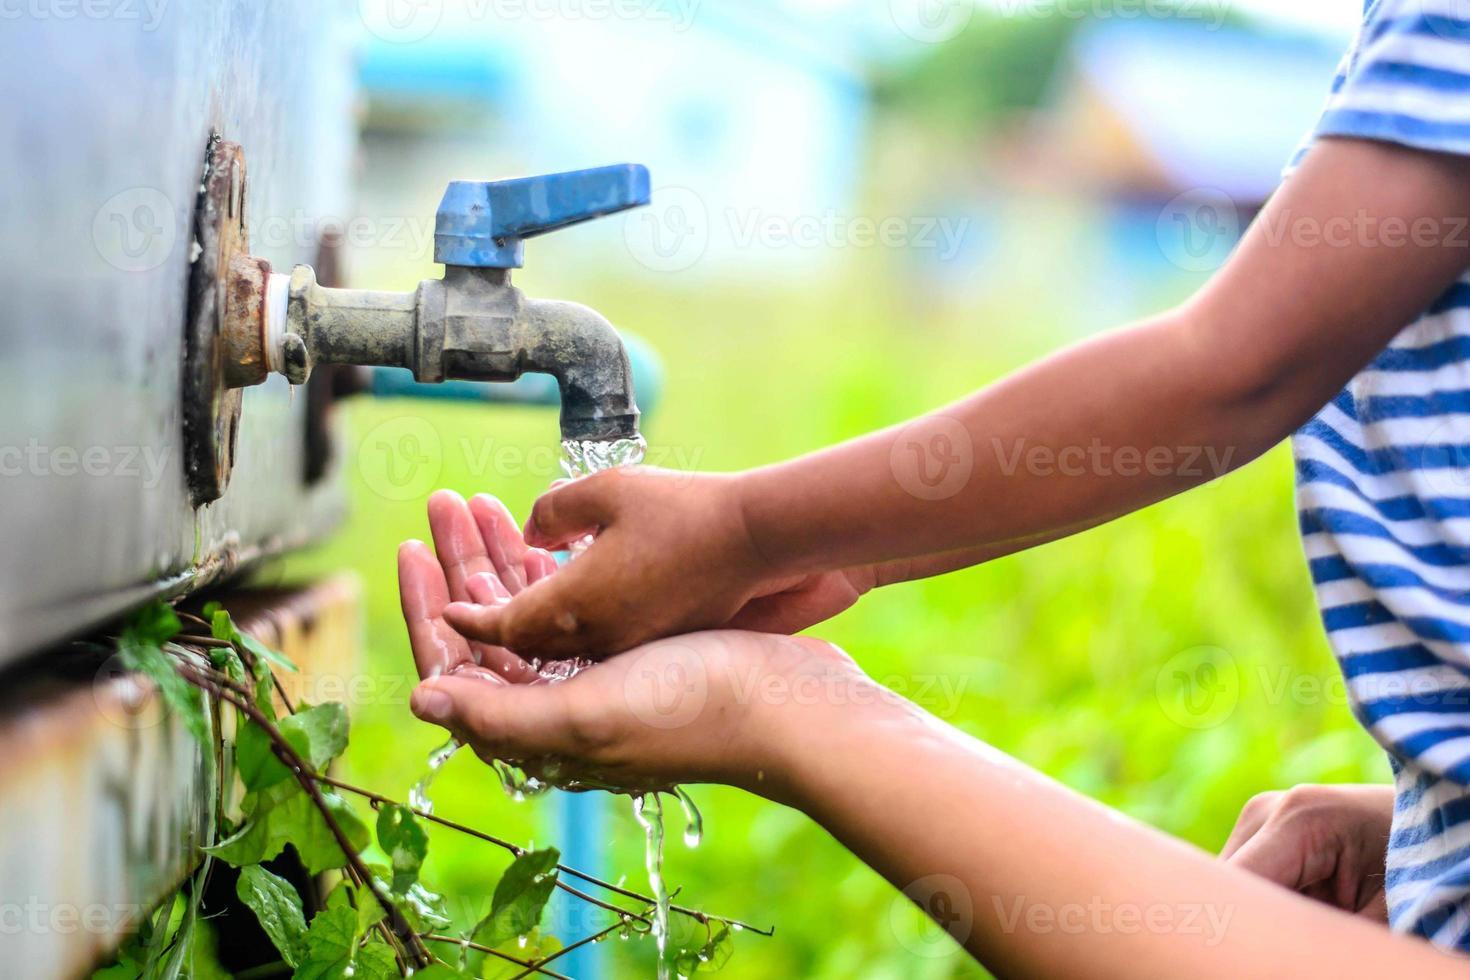 kind handen wassen met moeder, selectieve focuspunt. foto